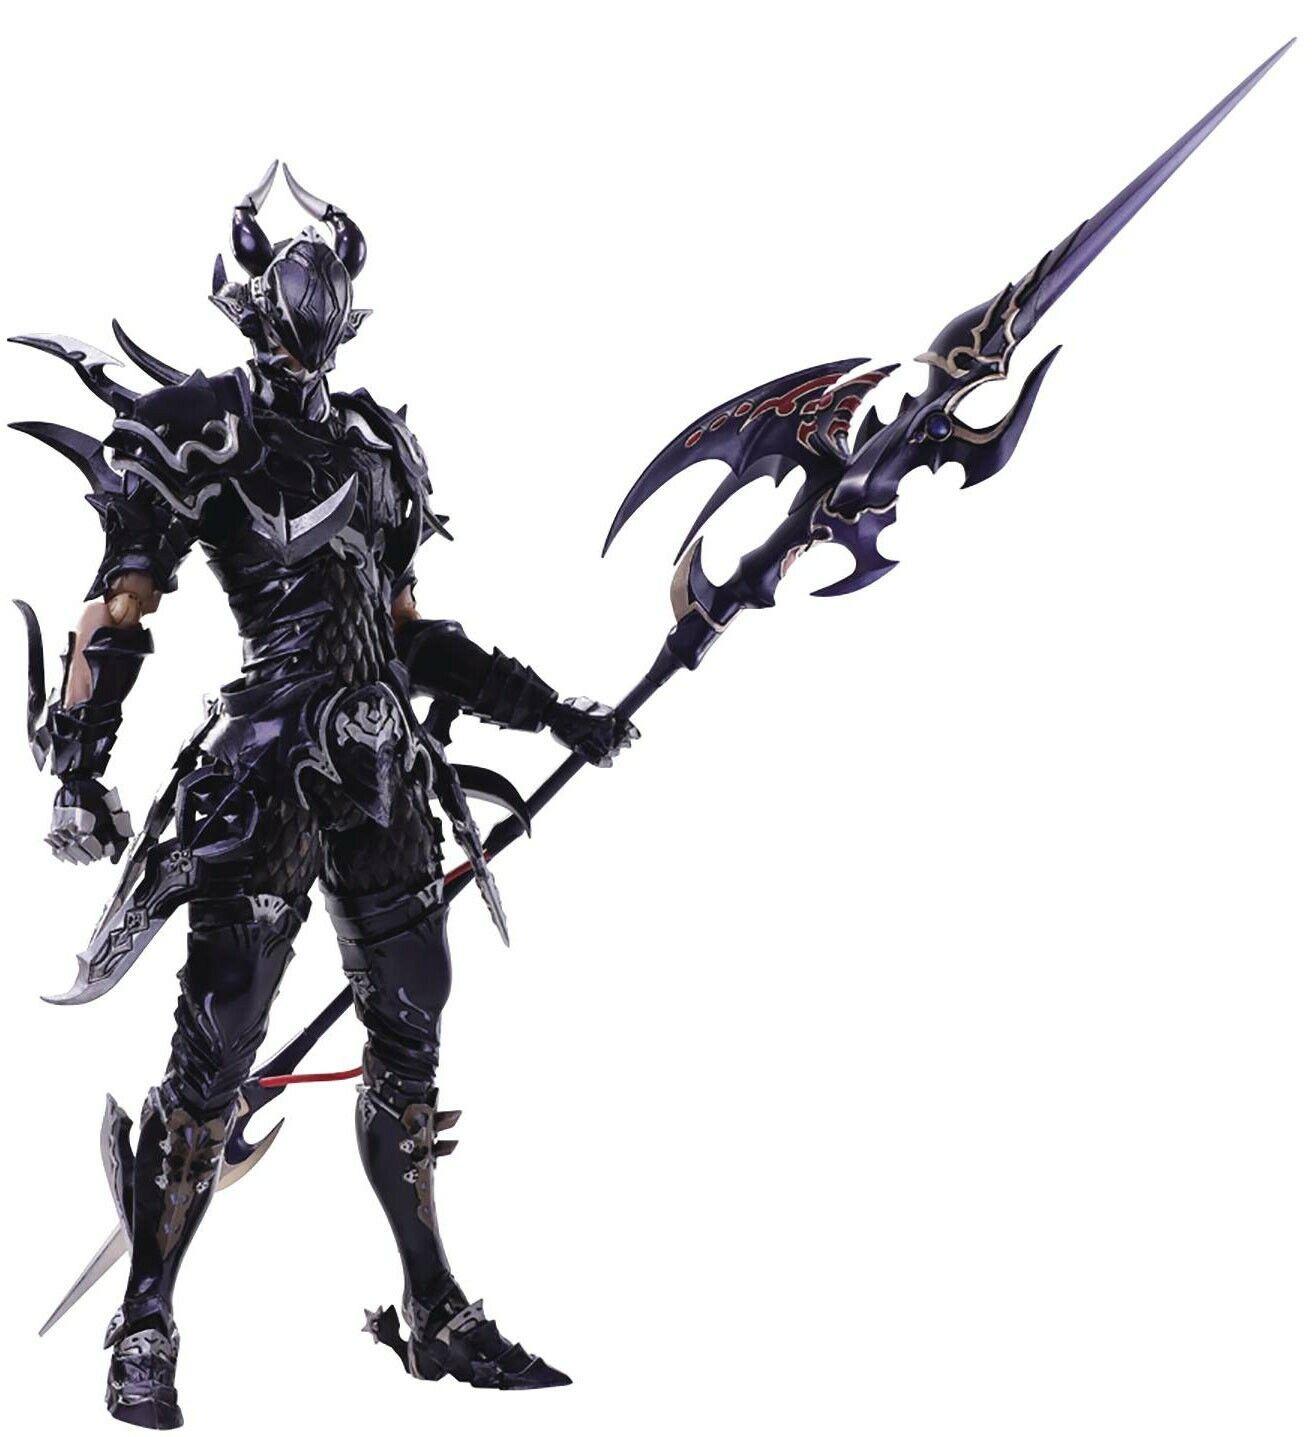 Final Fantasy XIV traer Artes estinien el Azure Dragón Figura De Acción